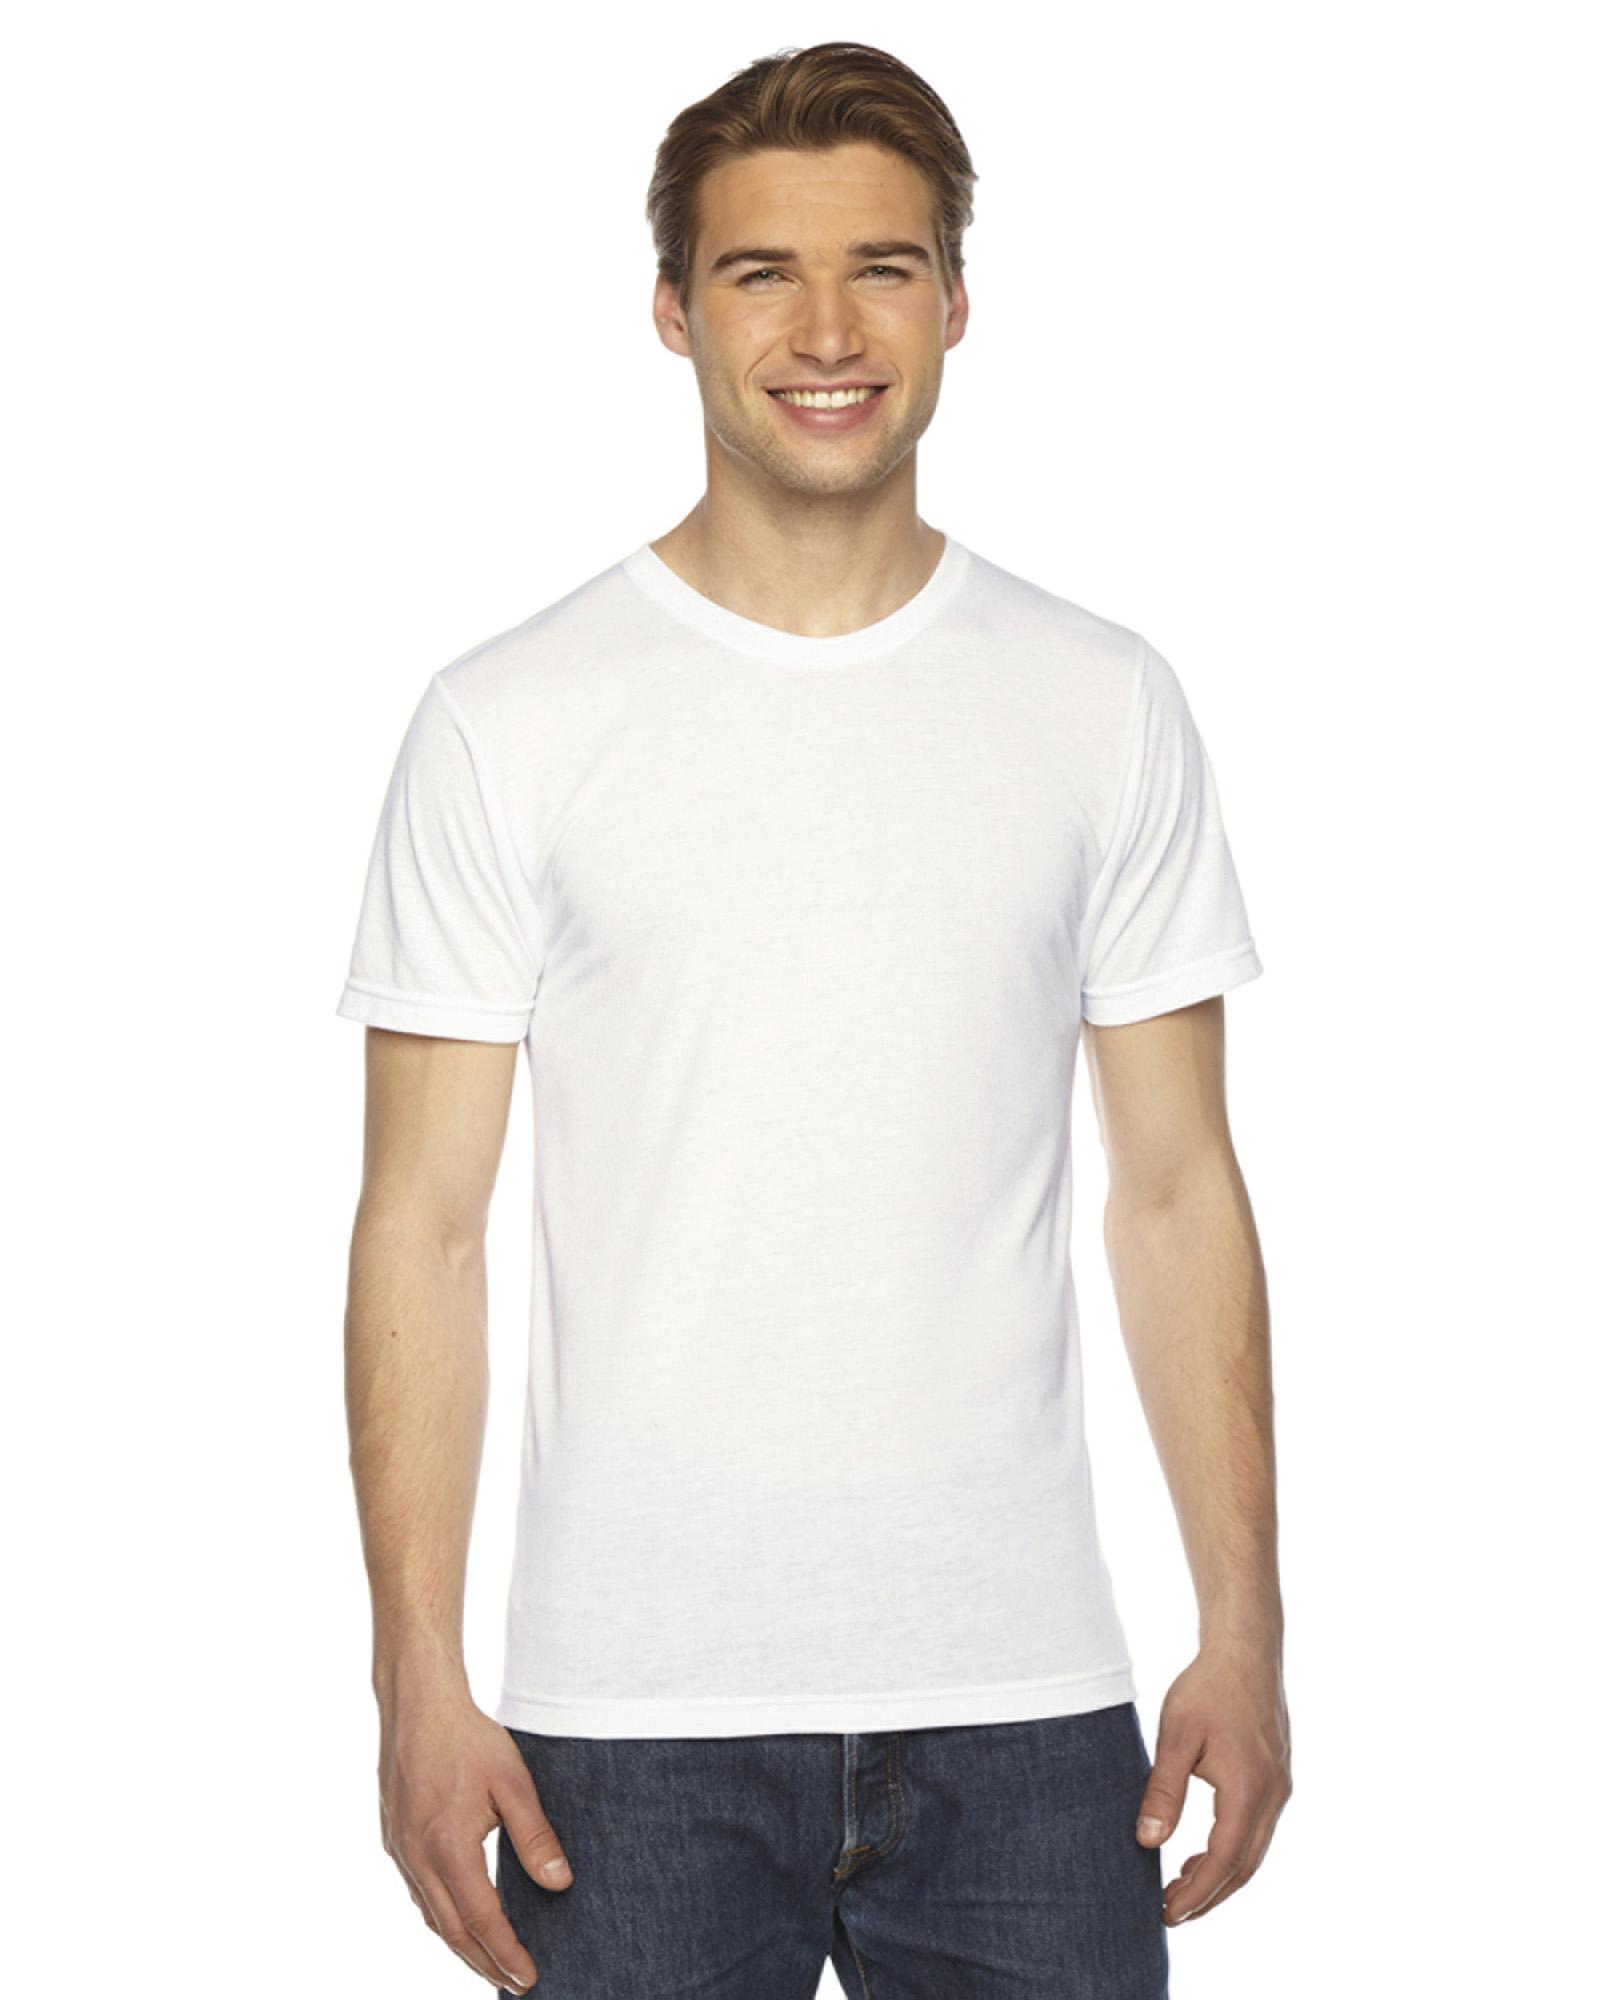 American apparel pl401 unisex sublimation t shirt for American apparel custom t shirt printing